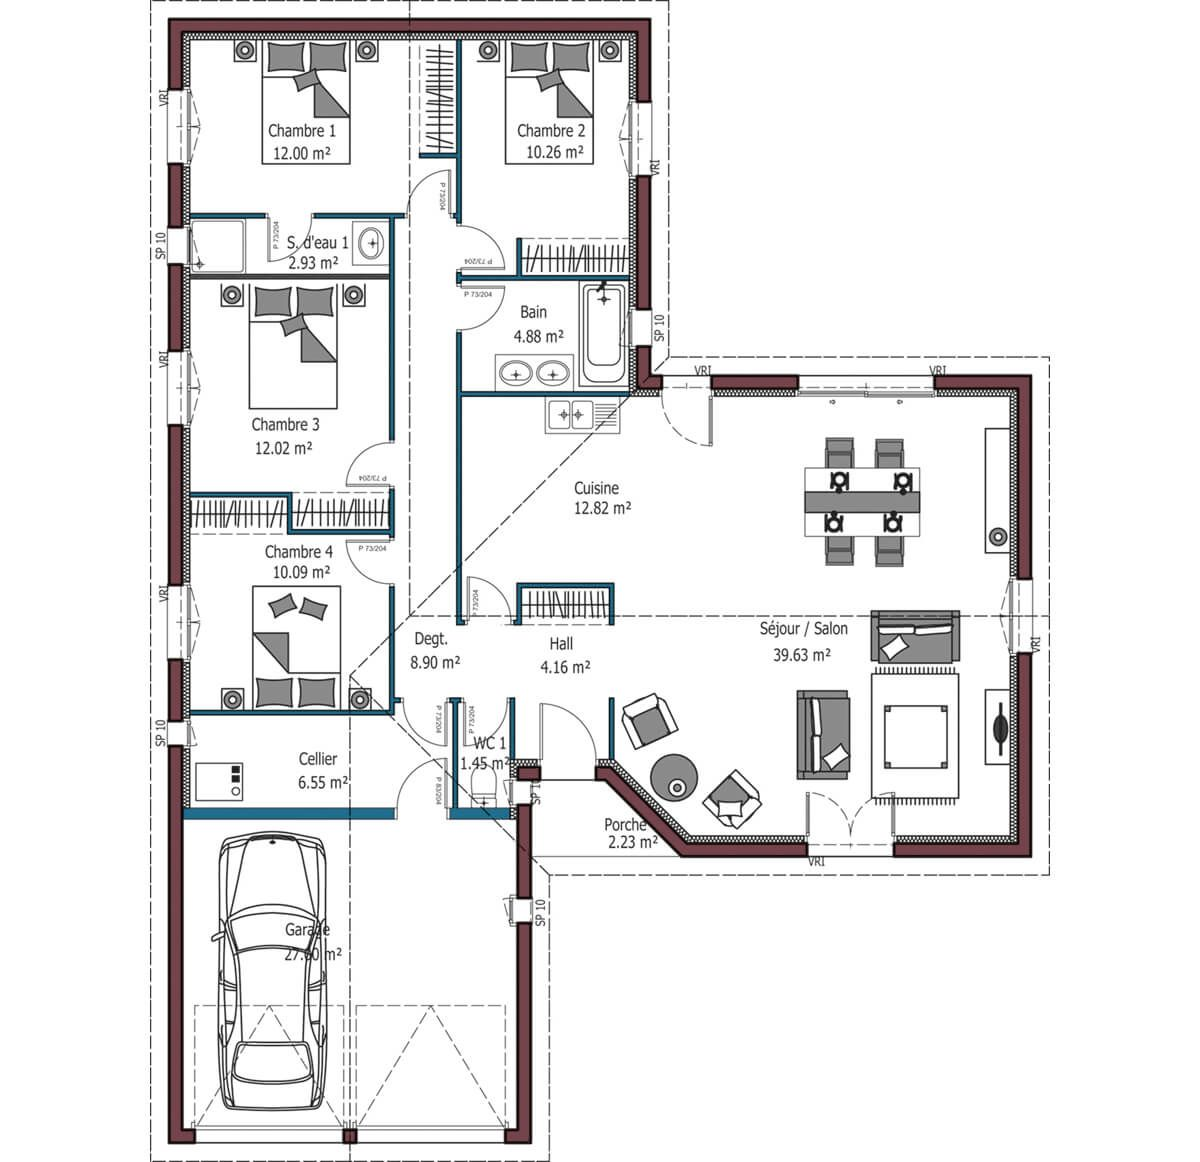 Modele De Maison Atlanta Plan Maison 100m2 Maison Mca Plan Maison